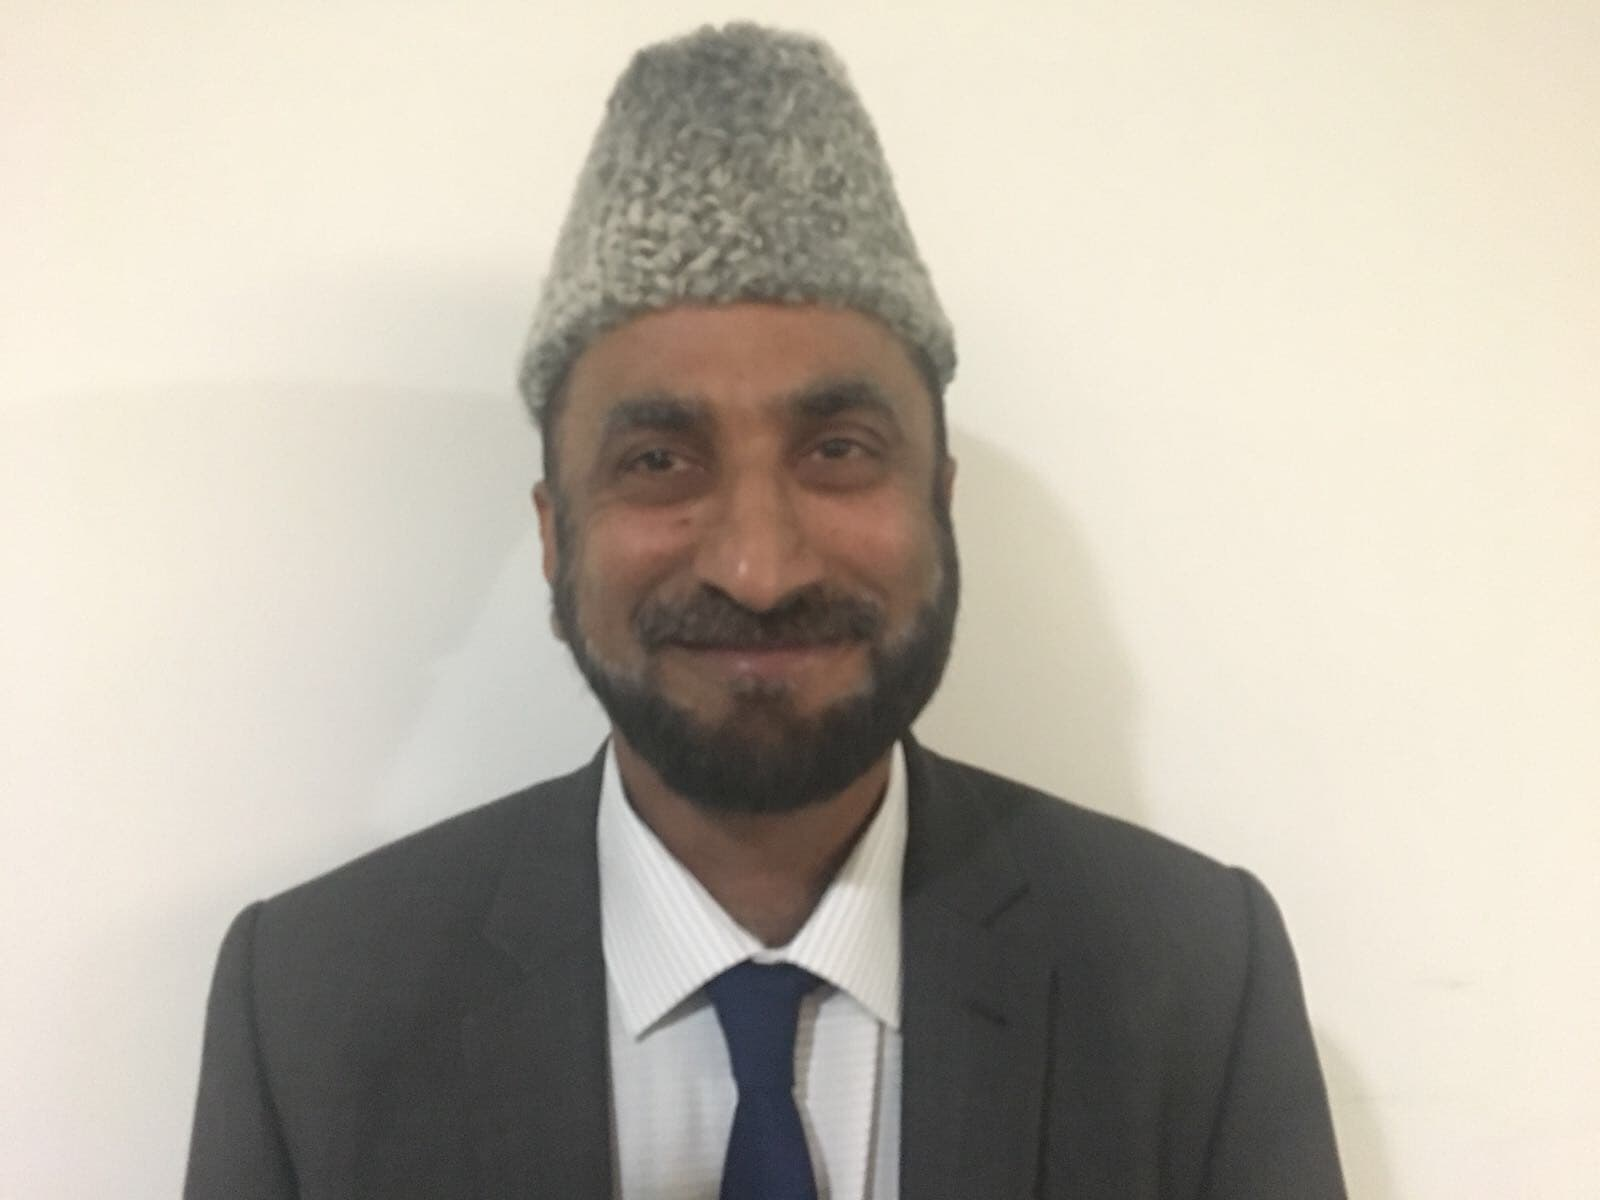 Mr. Naeem Ahmad Sidiq